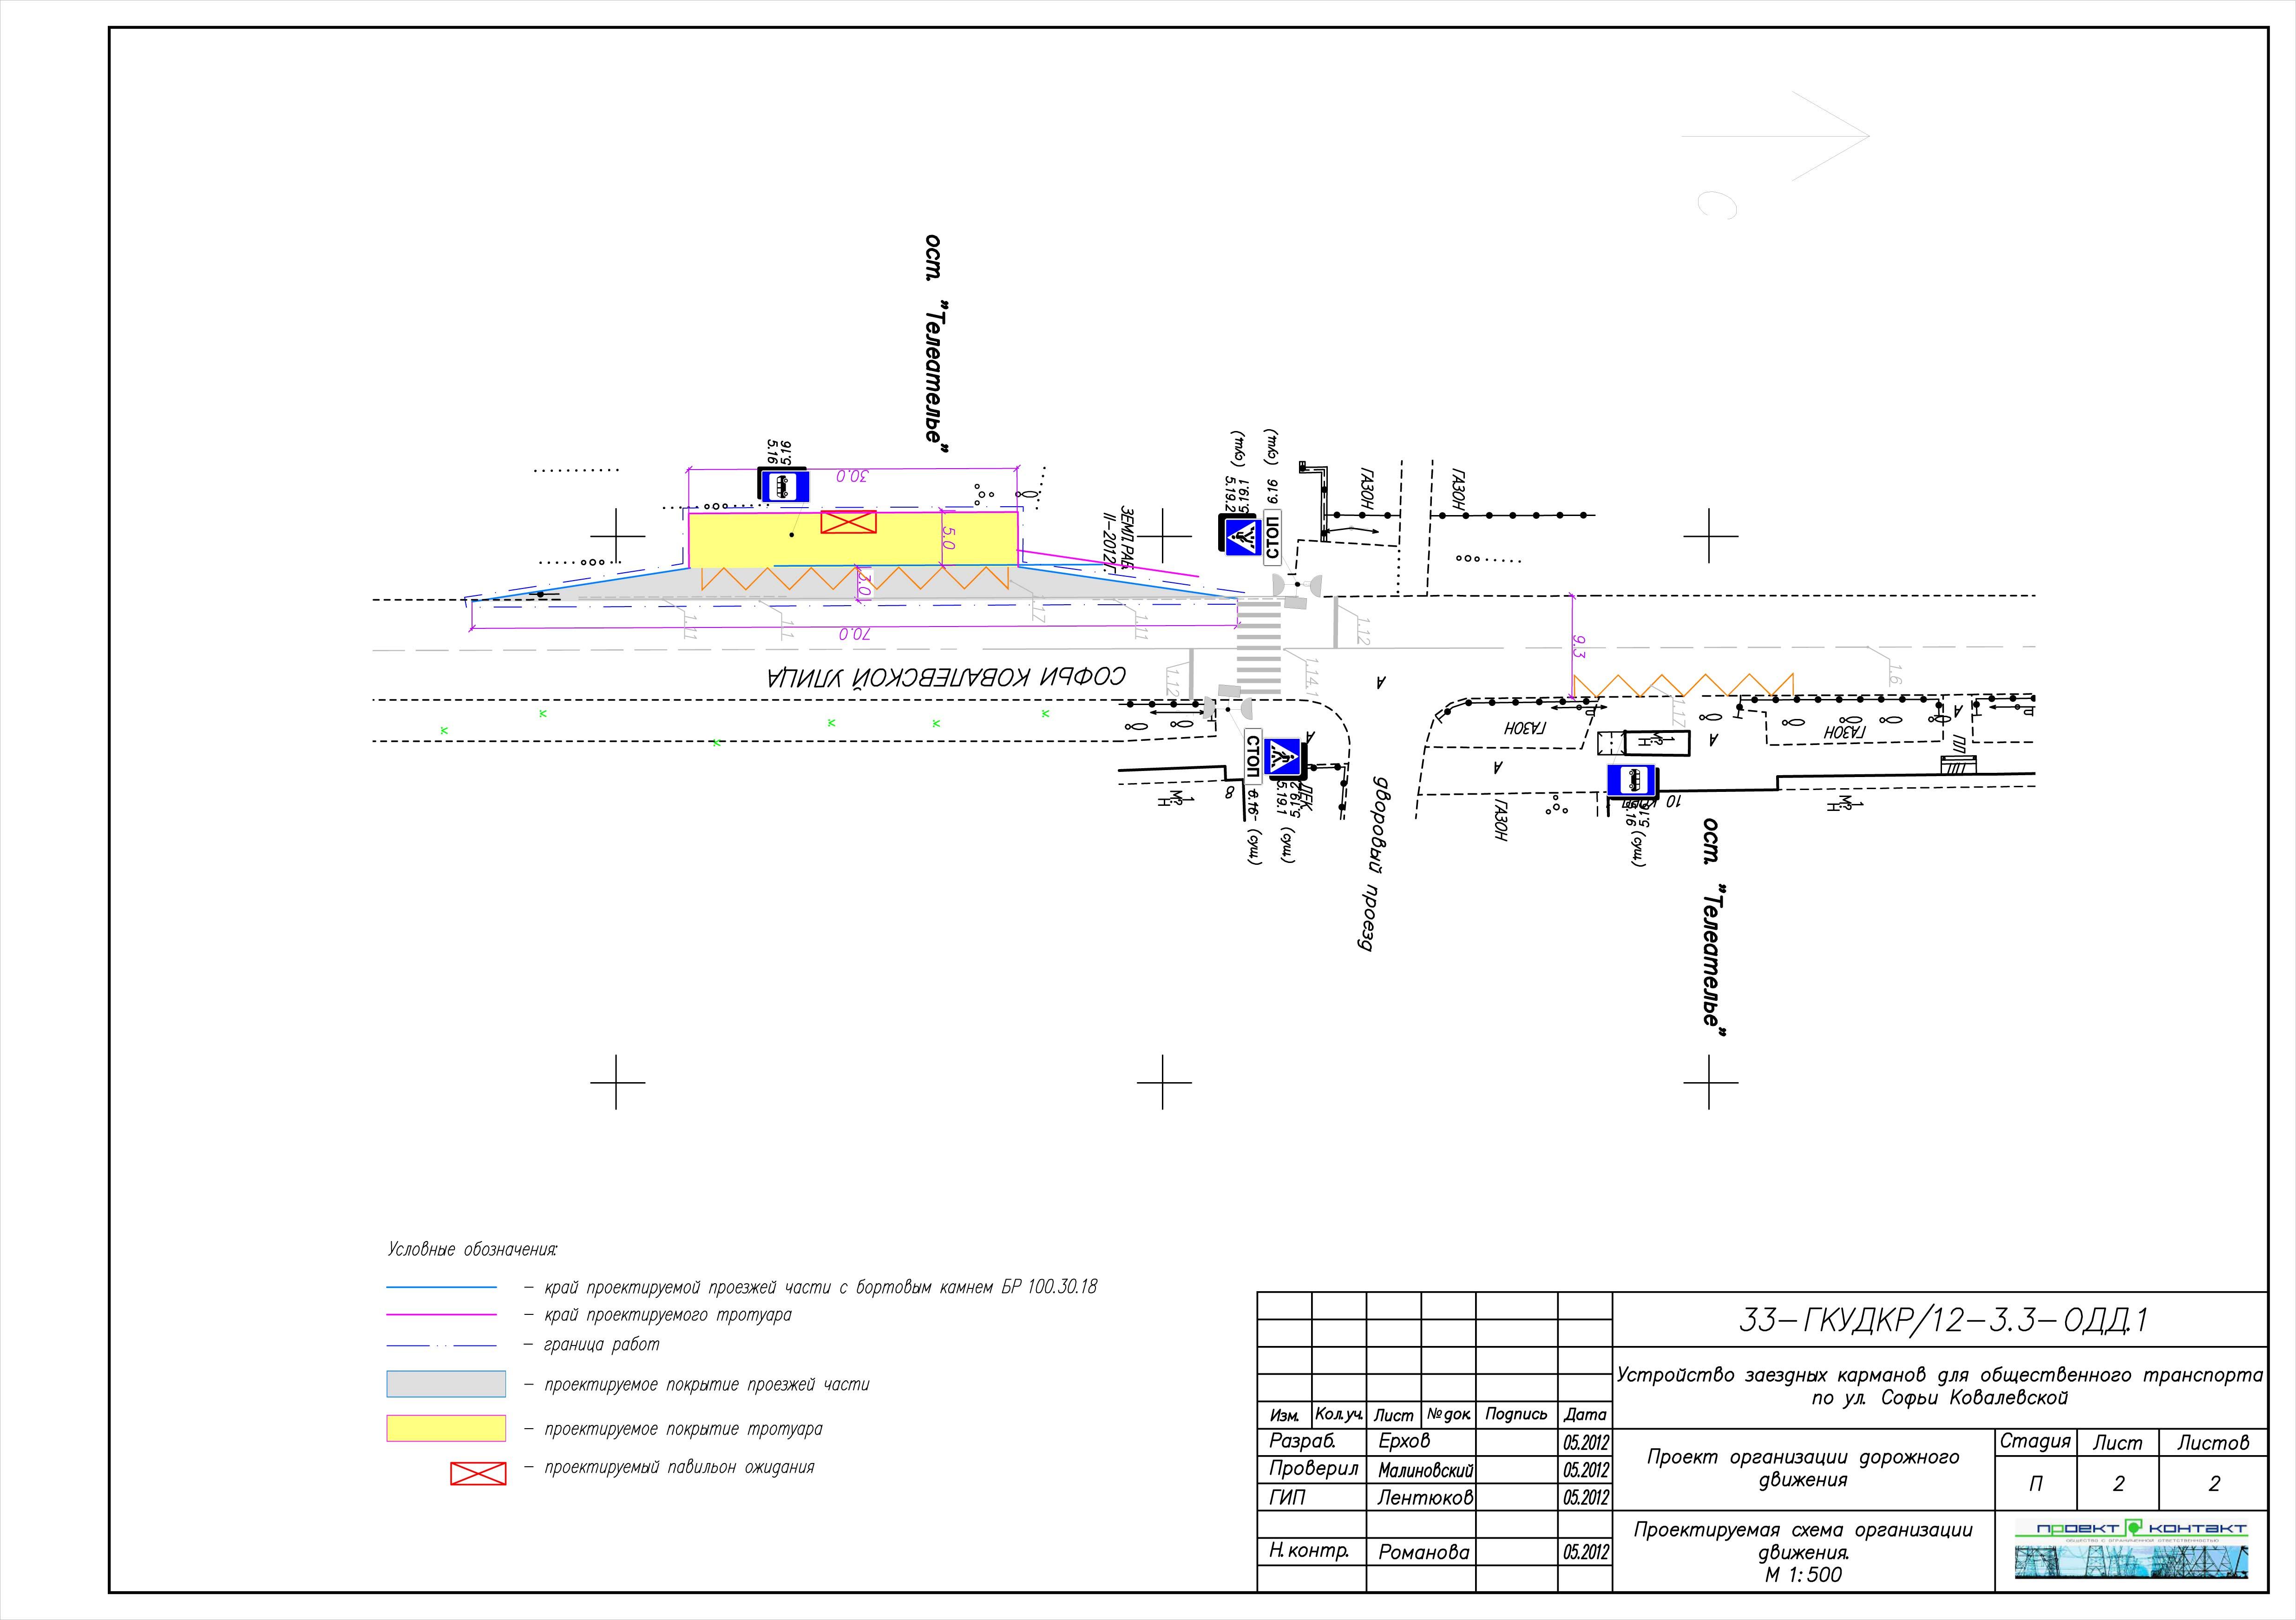 Проектирование схем организации дорожного движения